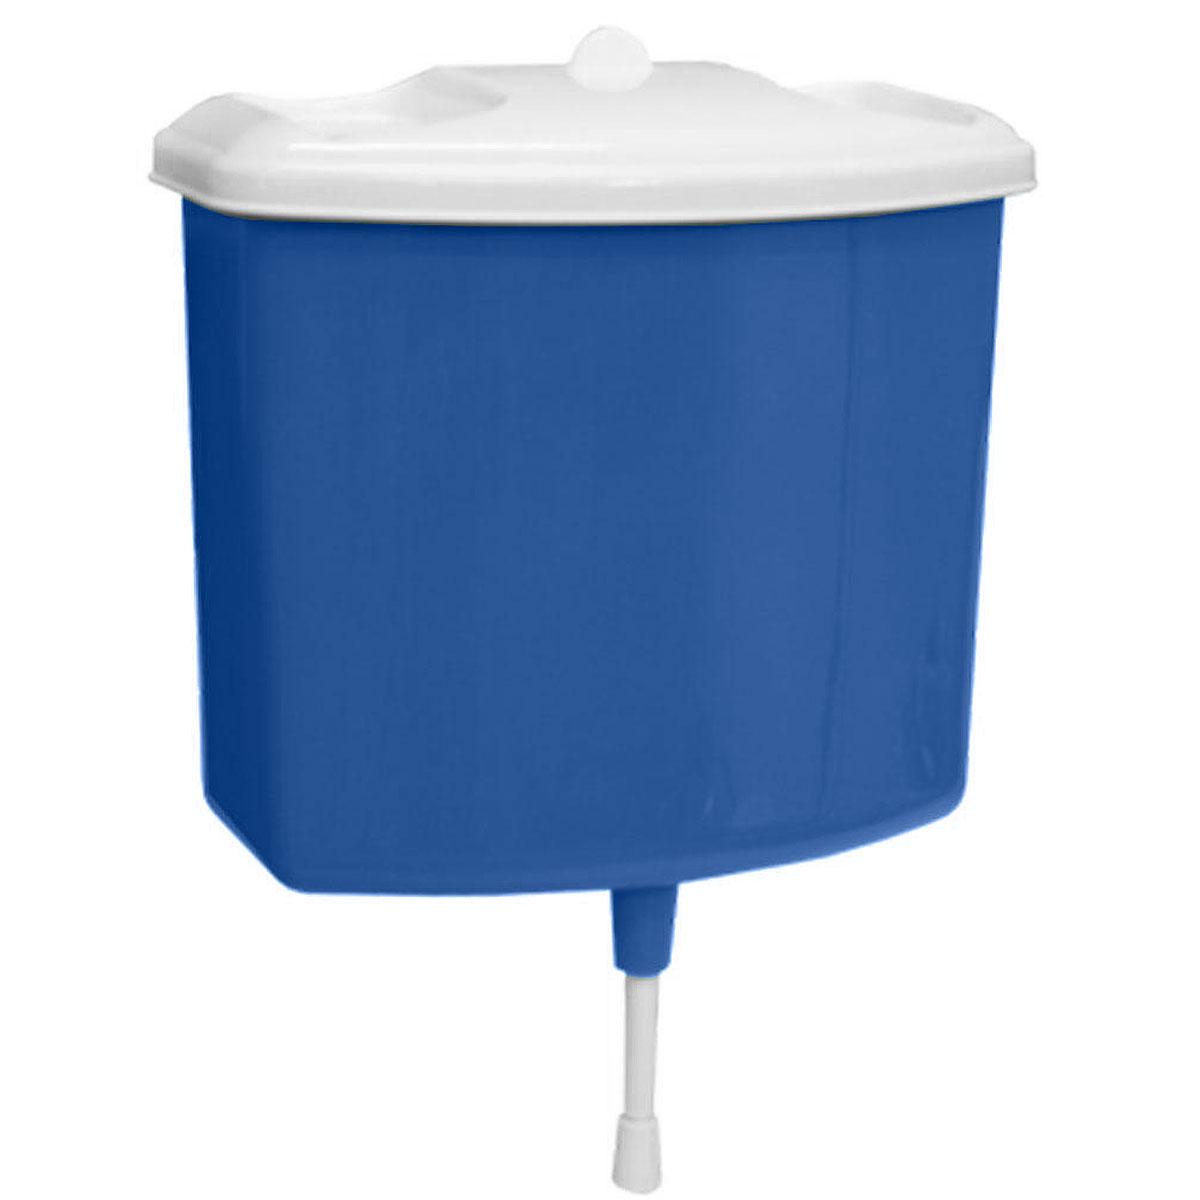 Рукомойник Альтернатива, цвет: синий, 5 лМ367Рукомойник Альтернатива изготовлен из пластика. Он предназначен для умывания в саду или на даче. Яркий и красочный, он отлично впишется в окружающую обстановку. Петли предоставляют вертикальное крепление рукомойника. Рукомойник оснащен крышкой, которая предотвращает попадание мусора. Также на крышке имеет две выемки для мыла. Рукомойник Альтернатива надежный и удобный в использовании. Размер рукомойника: 26,5 см х 15 см. Высота (без учета крышки): 23 см.